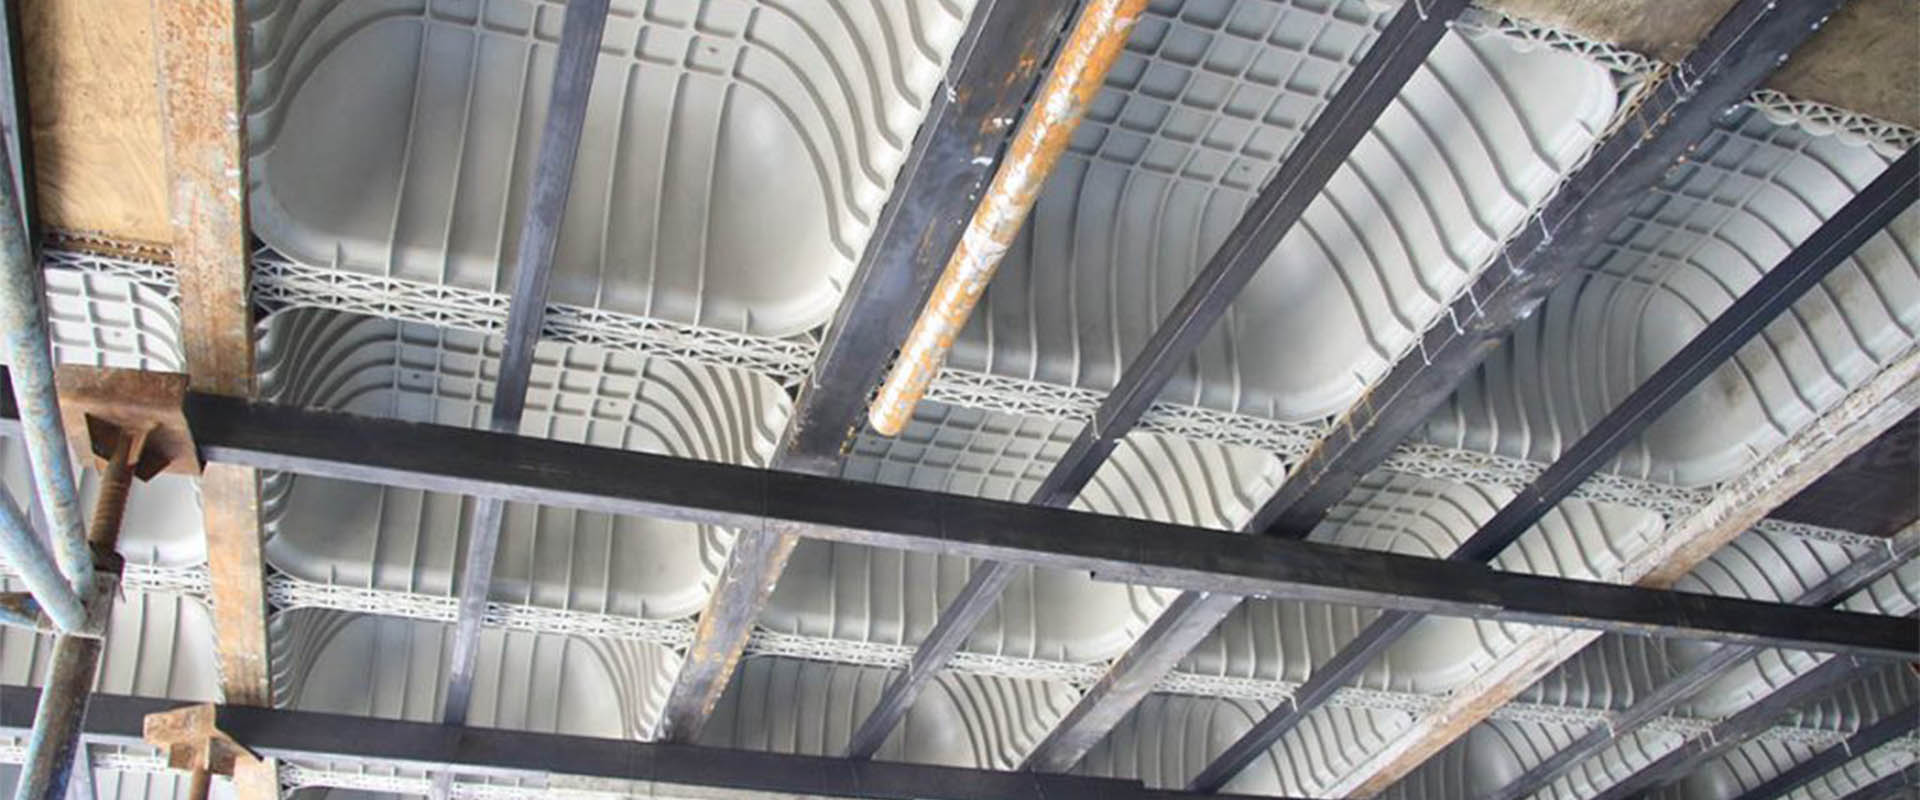 مقایسه دال های بتنی سقف وافل و سقف یوبوت